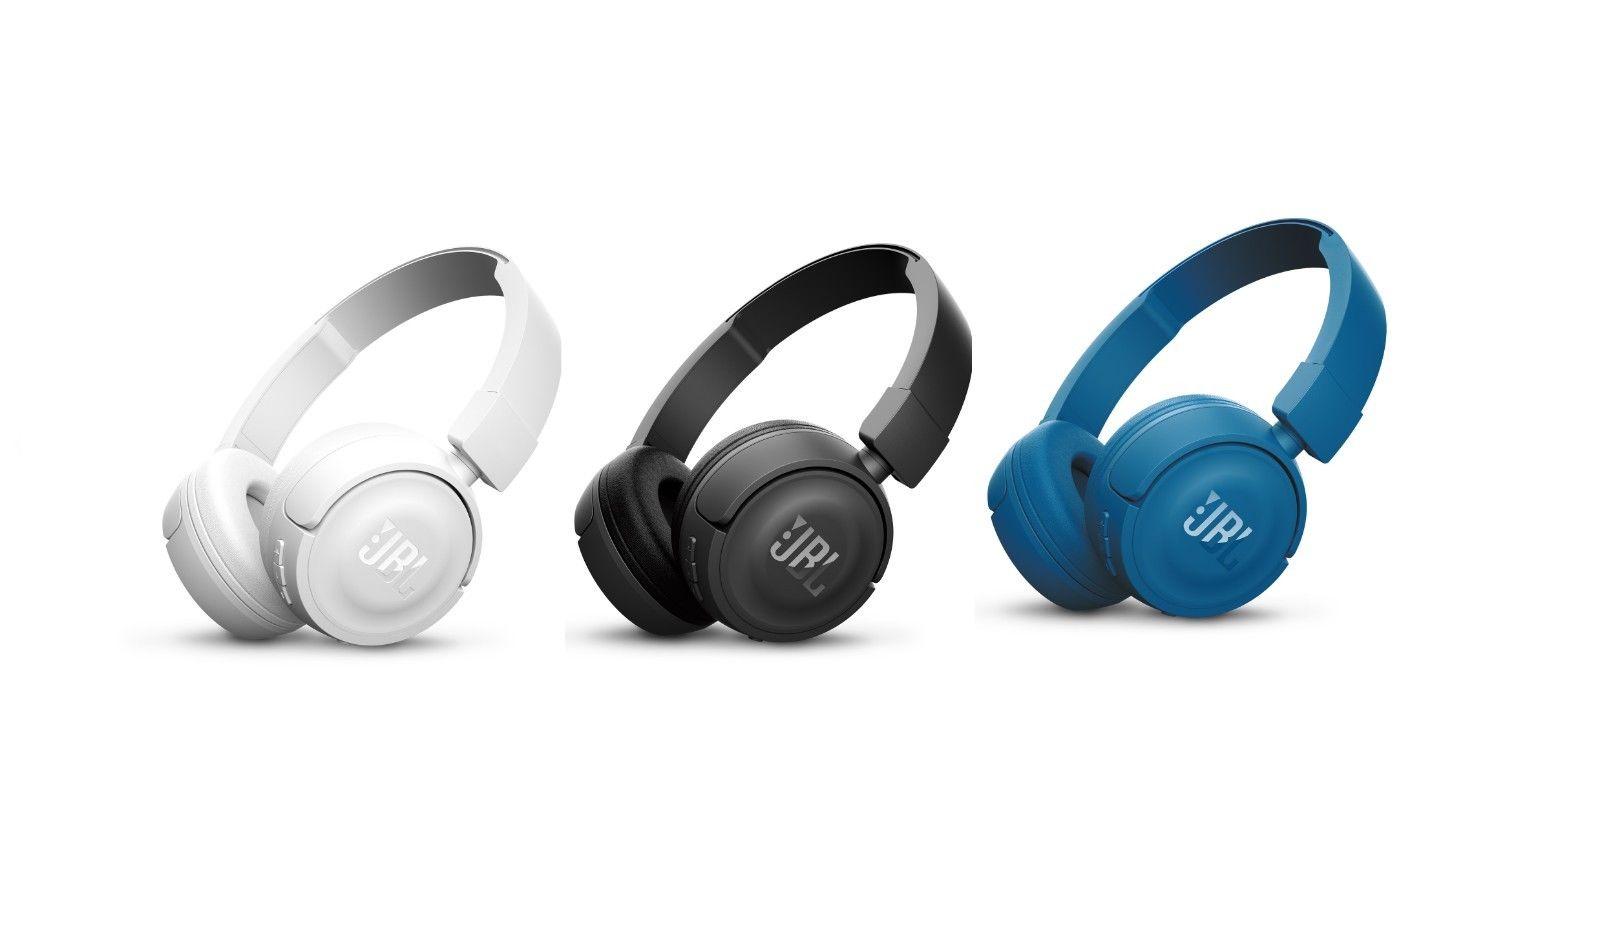 JBL T450BT - On Ear Wireless Bluetooth Headphones $27